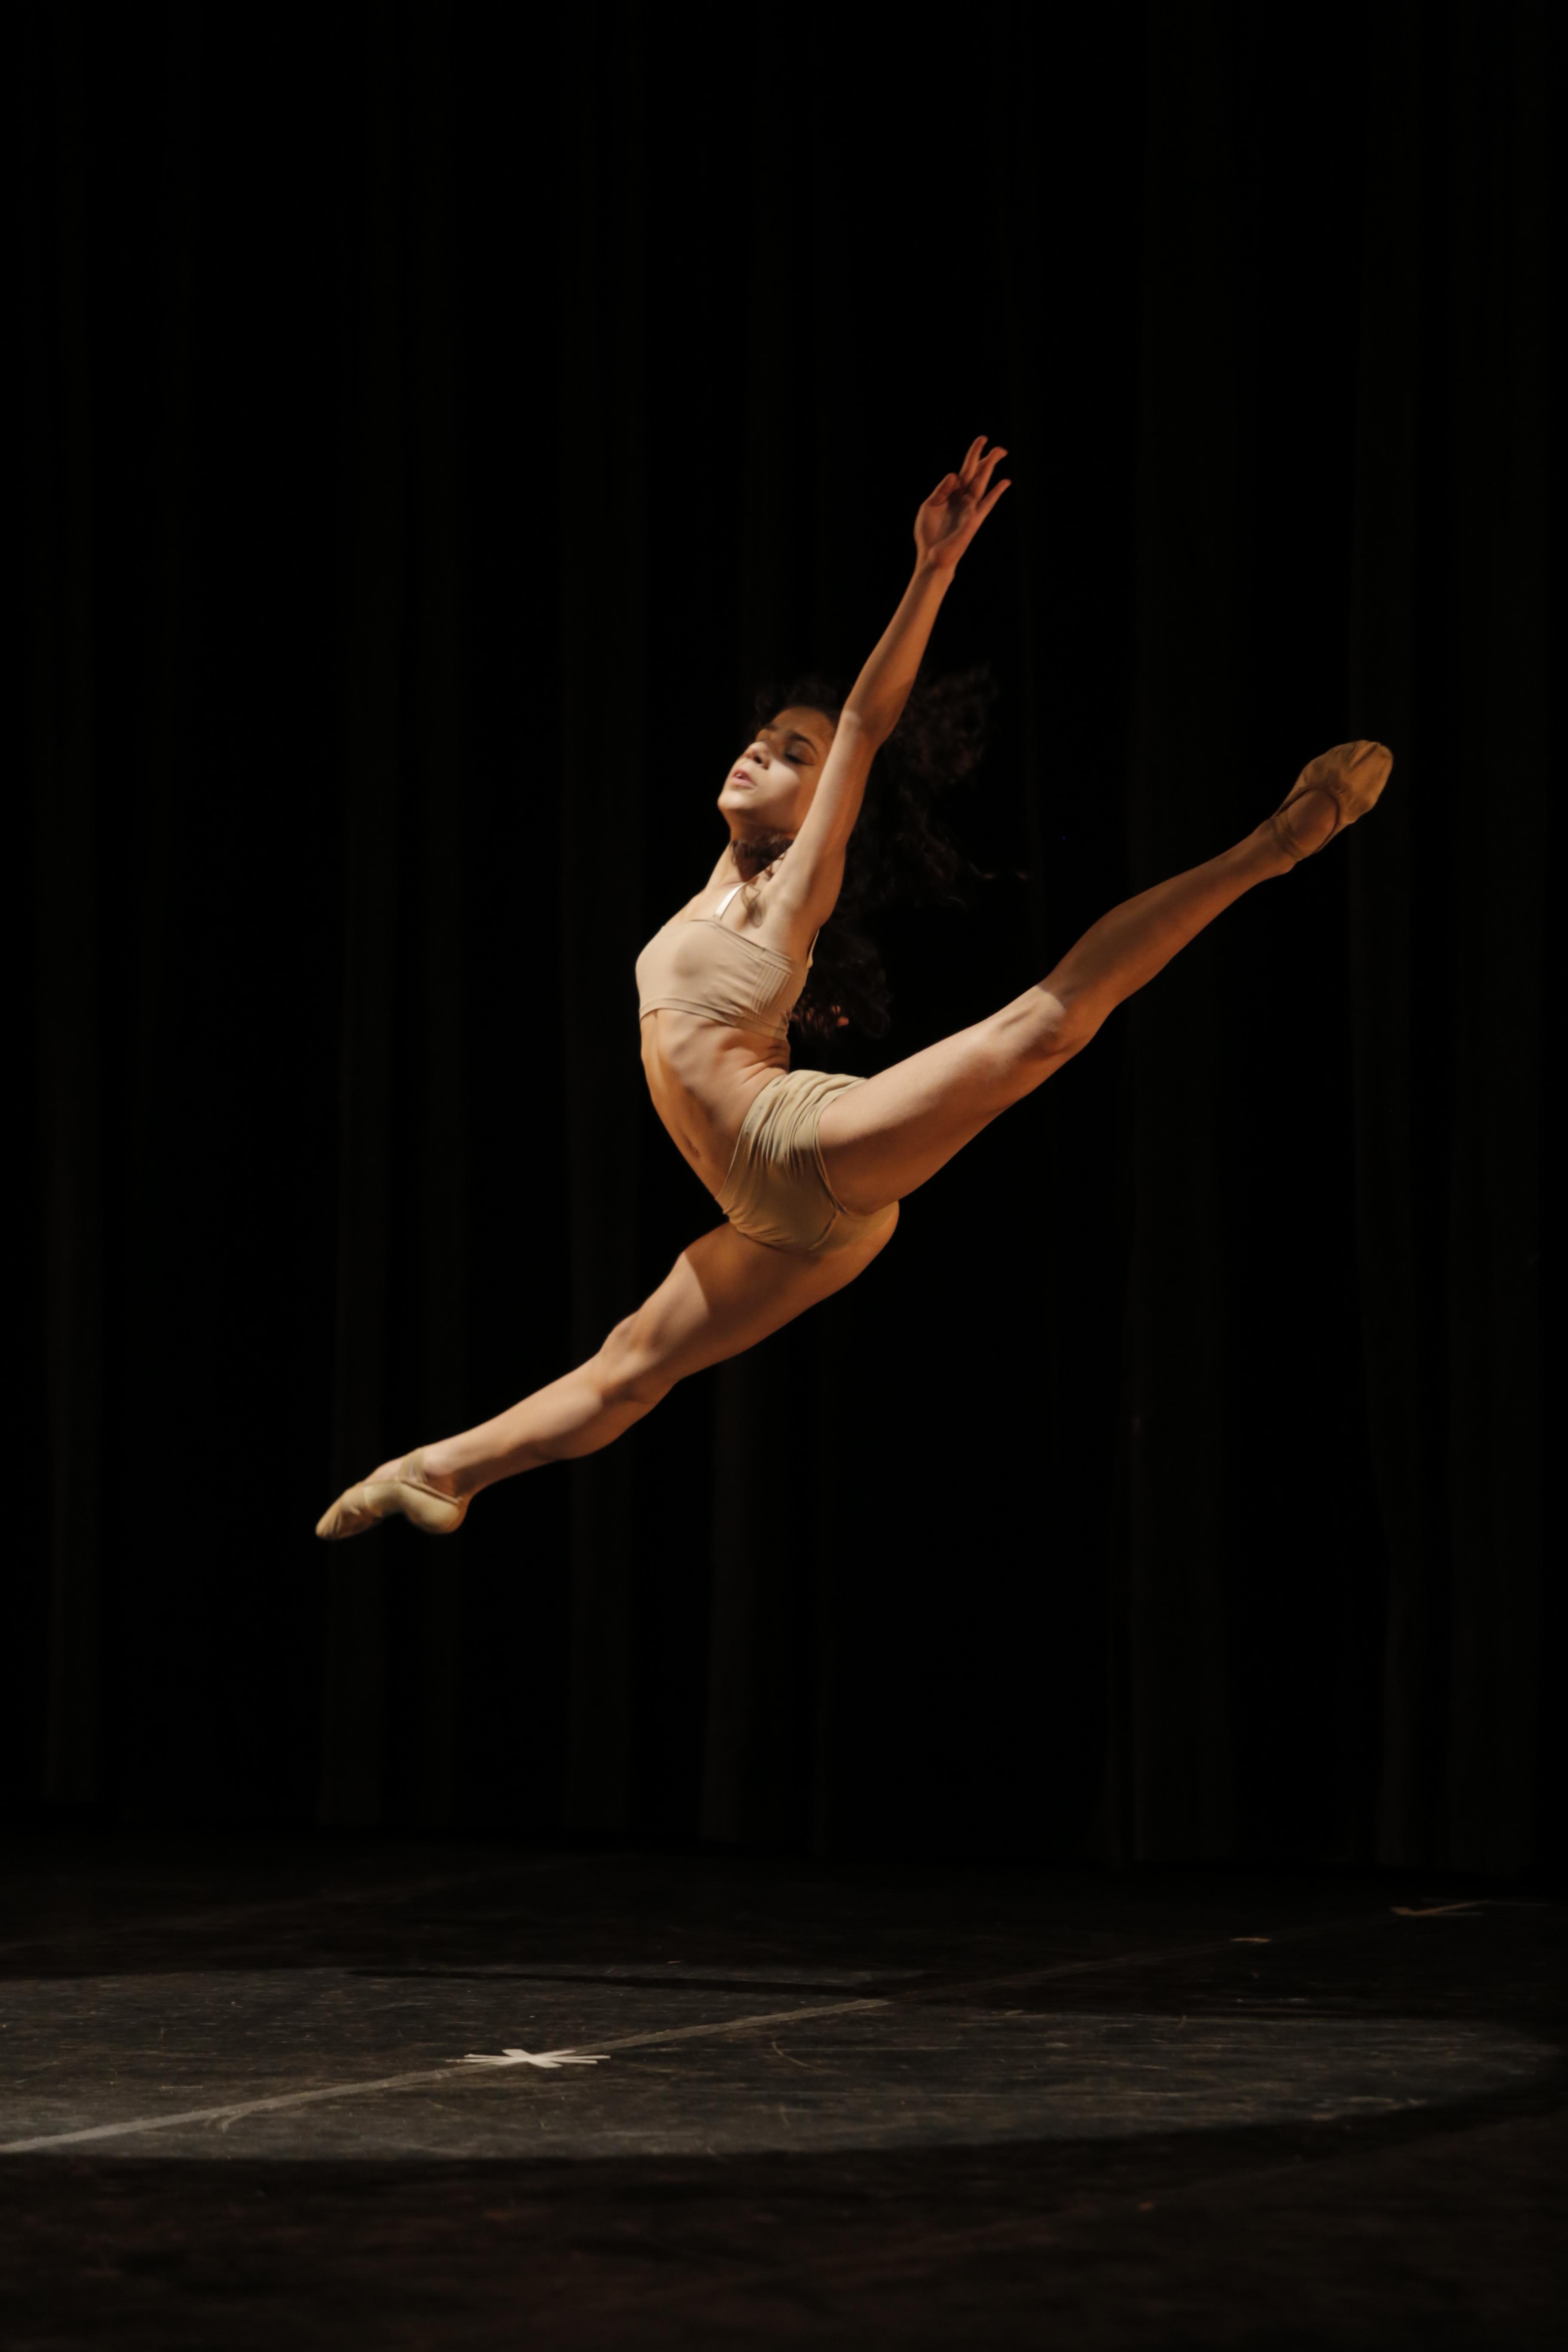 Ivyna foi selecionada após um ano de investimentos e esforços em diversas etapas da competição no Brasil. (FOTO: divulgação)